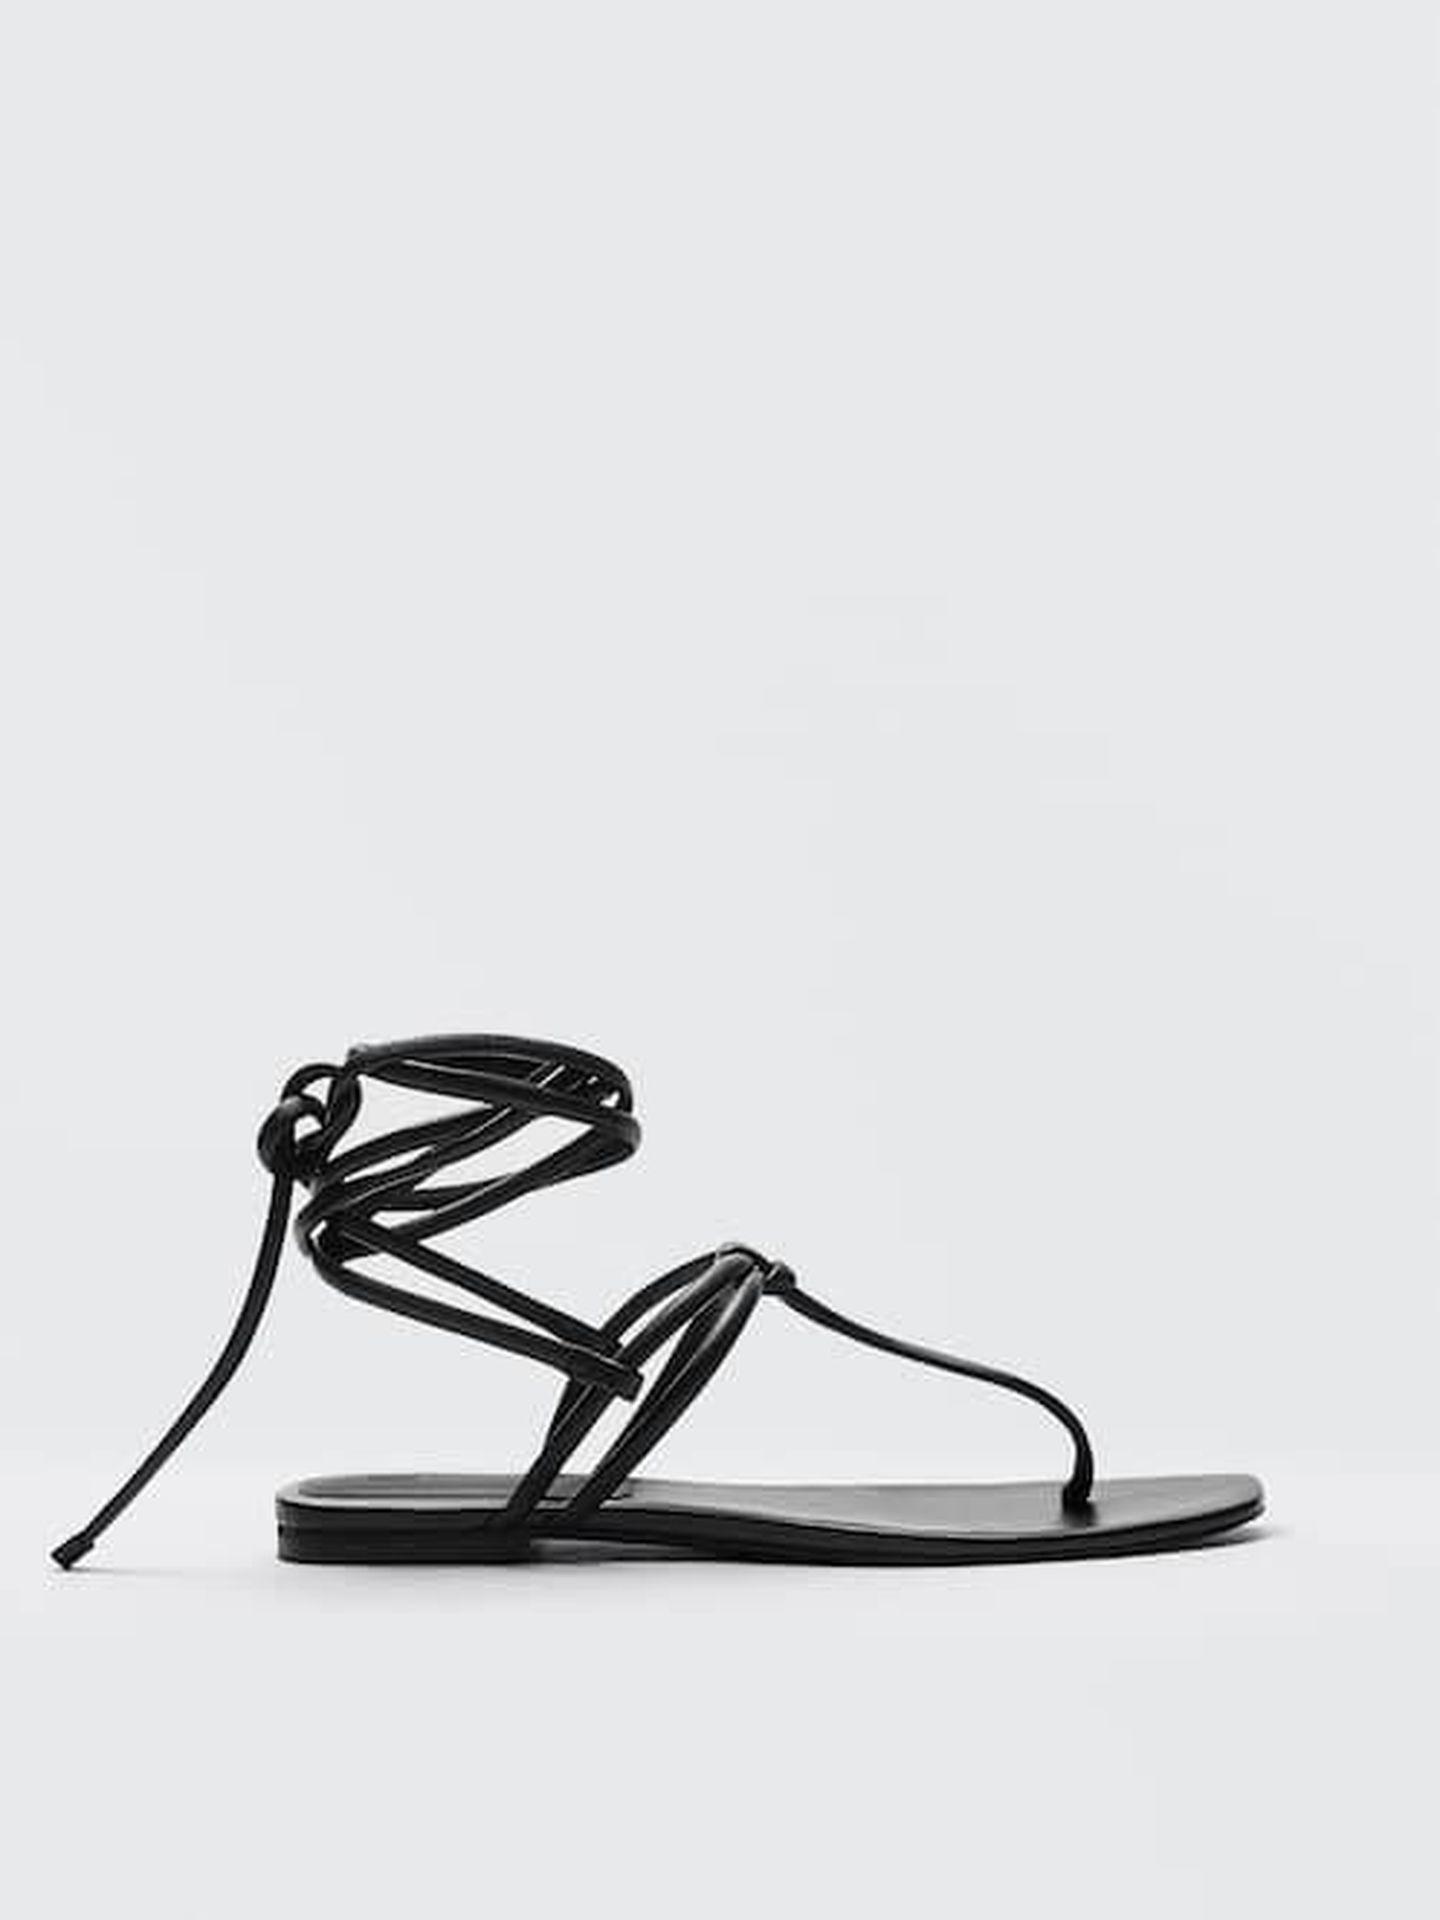 Sandalias negras, planas y de tendencia de Massimo Dutti. (Cortesía)